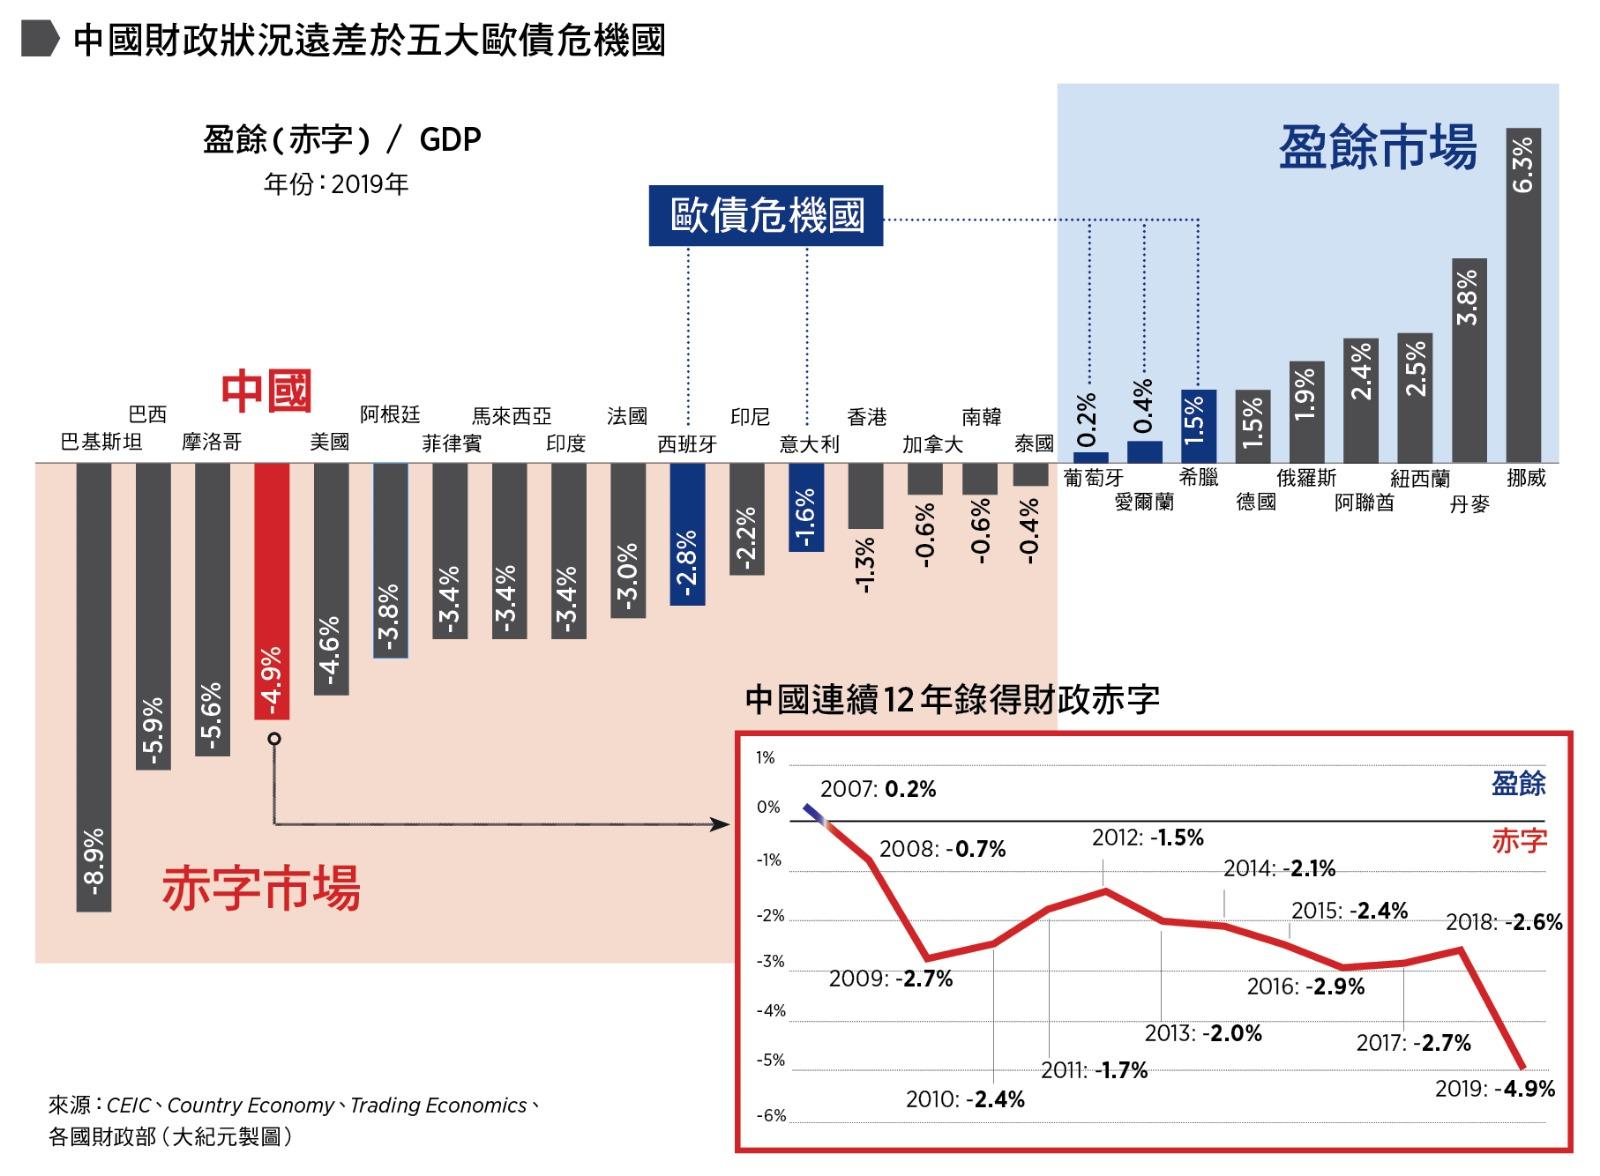 中國連續12年錄得財政赤字,財政狀況遠差於五大歐債危機國。來源:CEIC、Country Economy、Trading Economics、各國財政部(大紀元製圖)